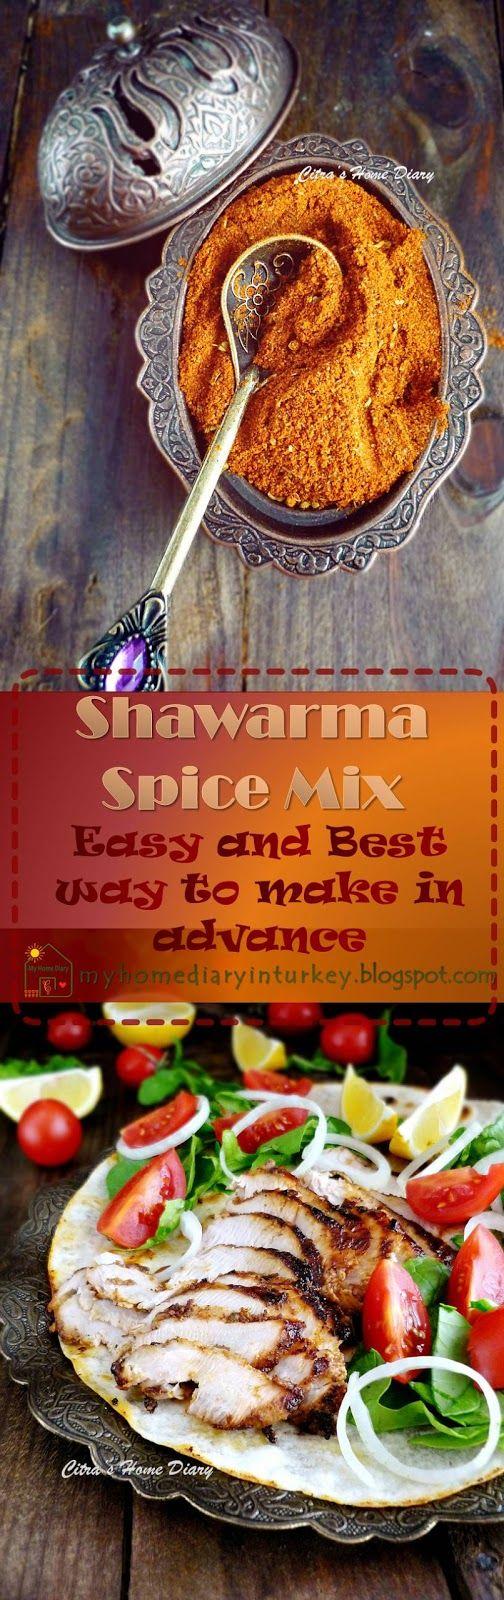 Easy and fragrance Shawarma Spice Rub / Bumbu untuk Shawarma-Çitra's Home Diary